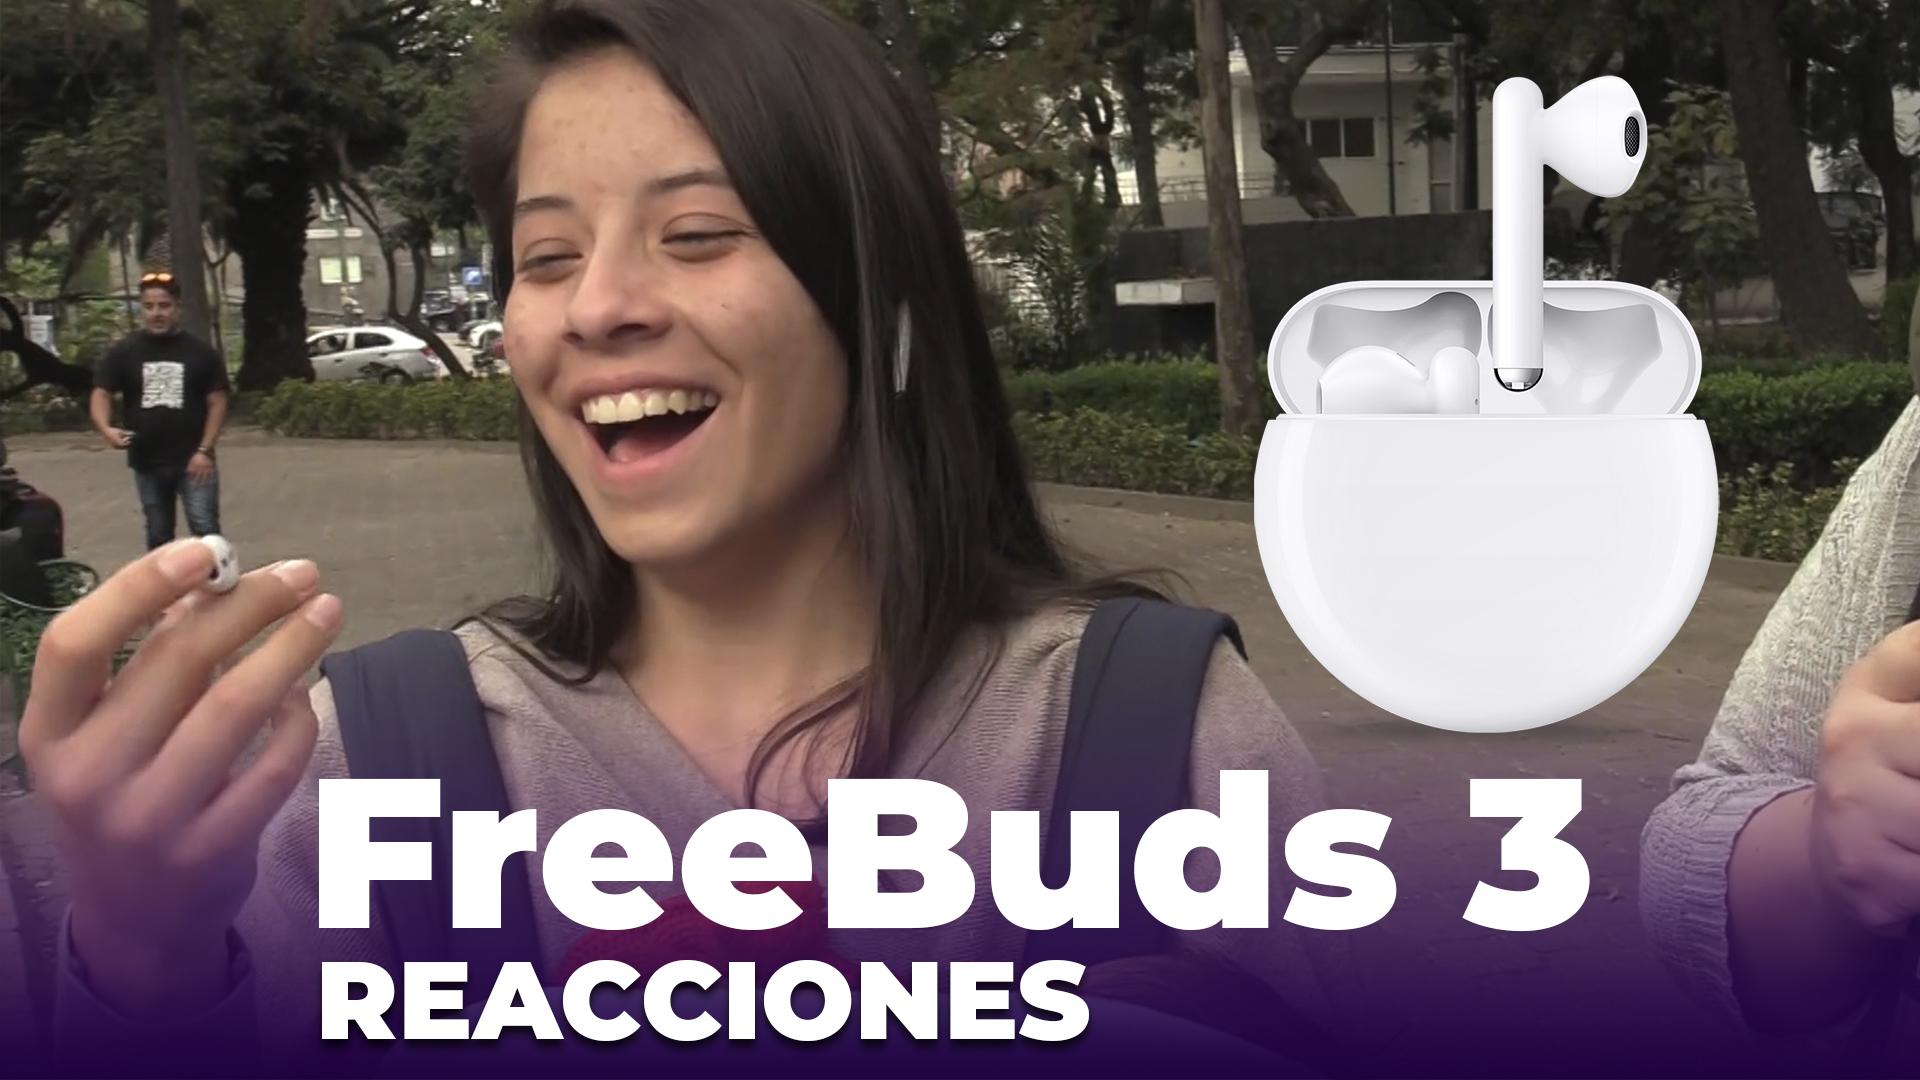 unocero-callejero-que-opinas-de-los-freebuds-3-de-huawei